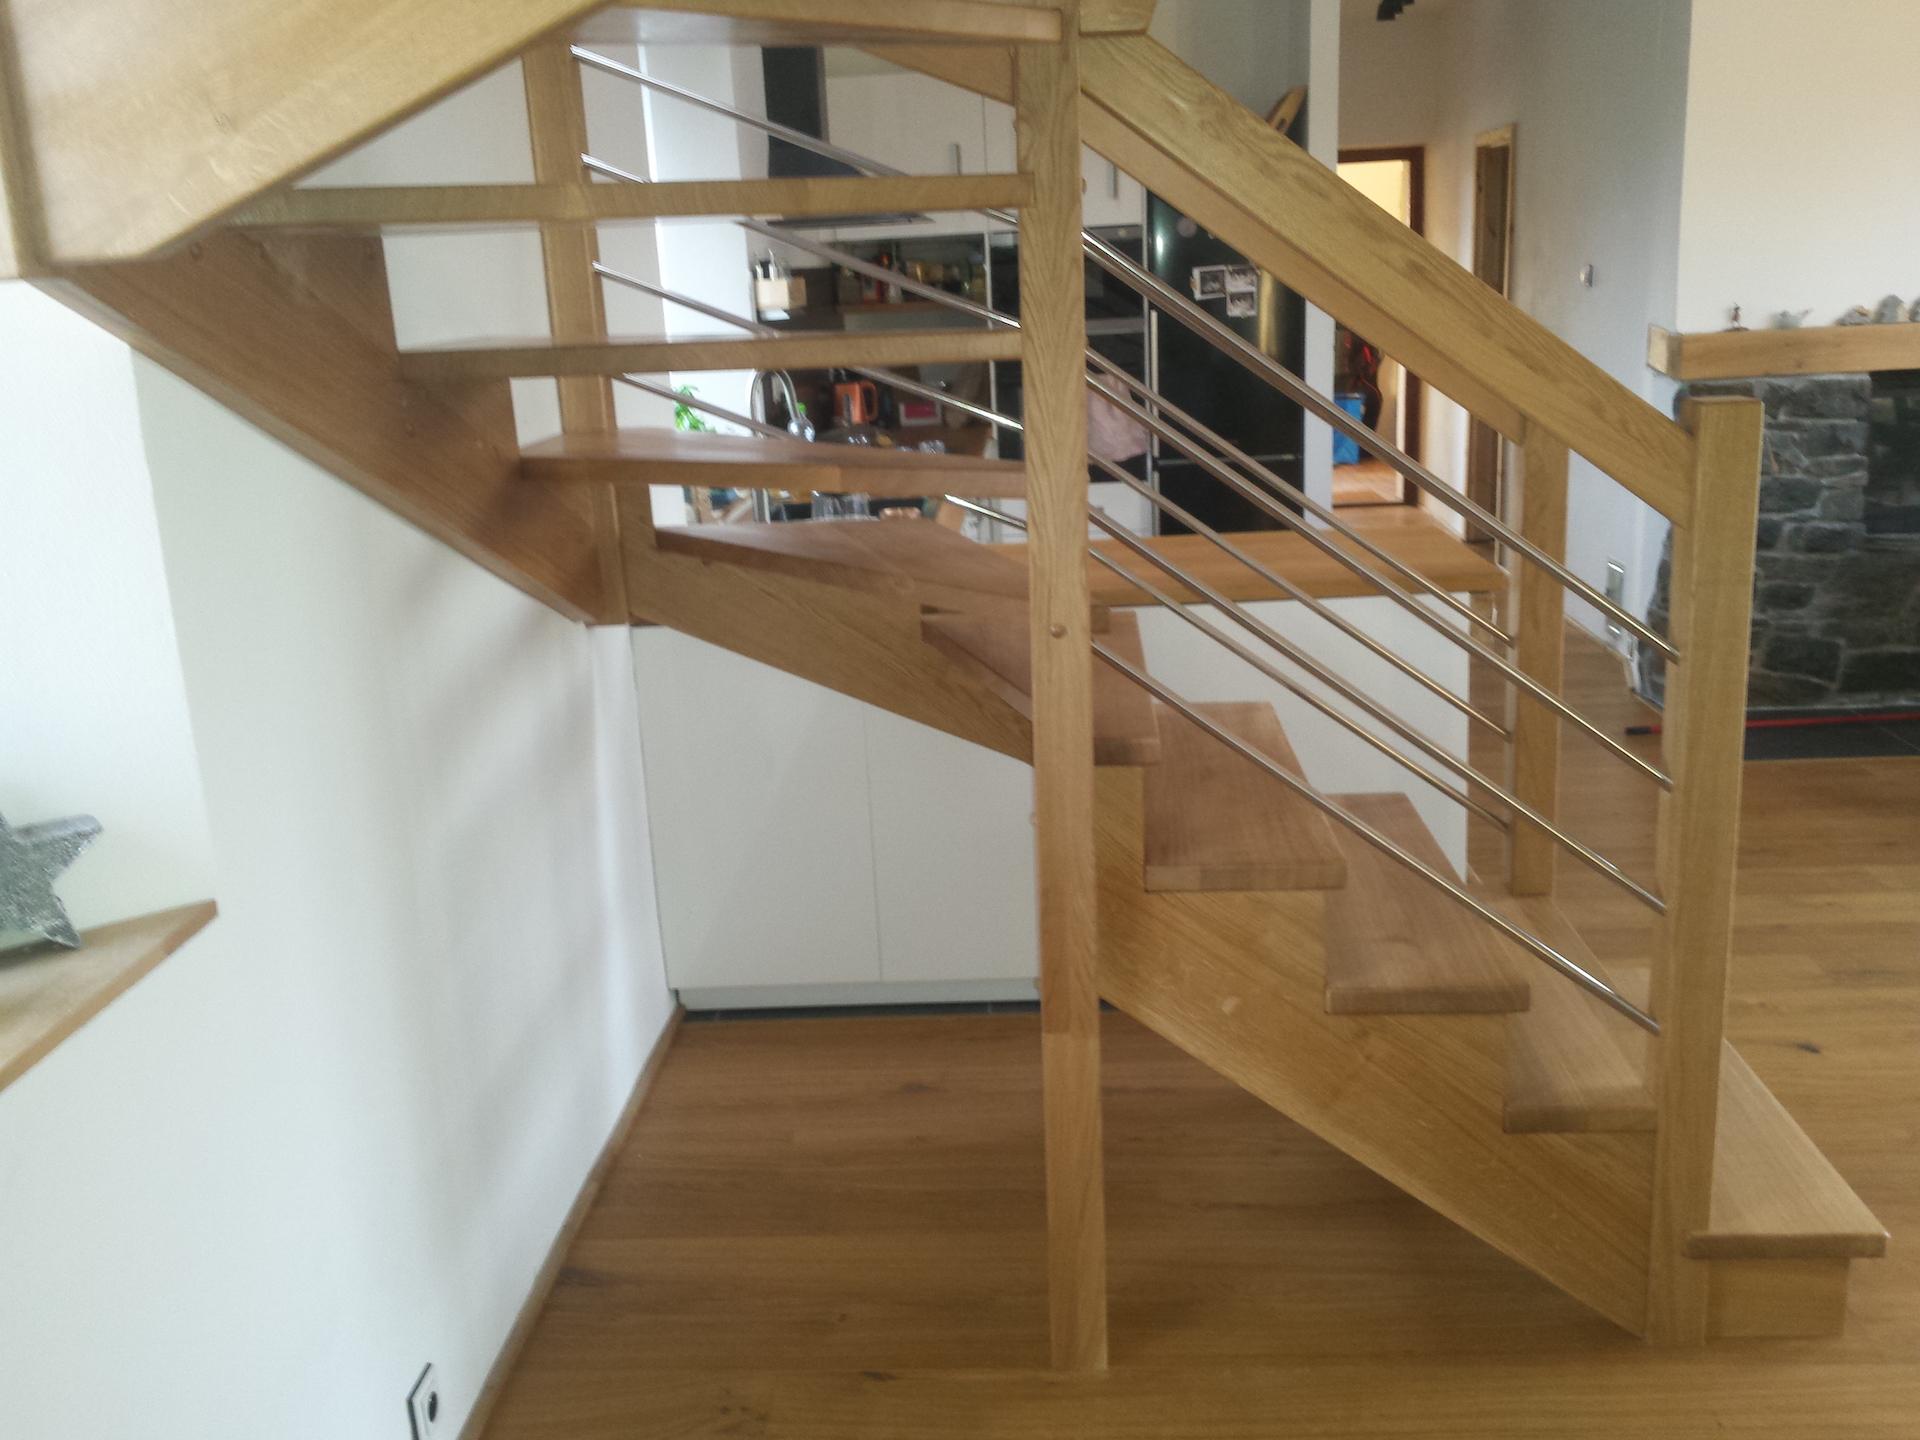 Dřevěné 'U' schodiště s nerezovými výplněmi zábradlí